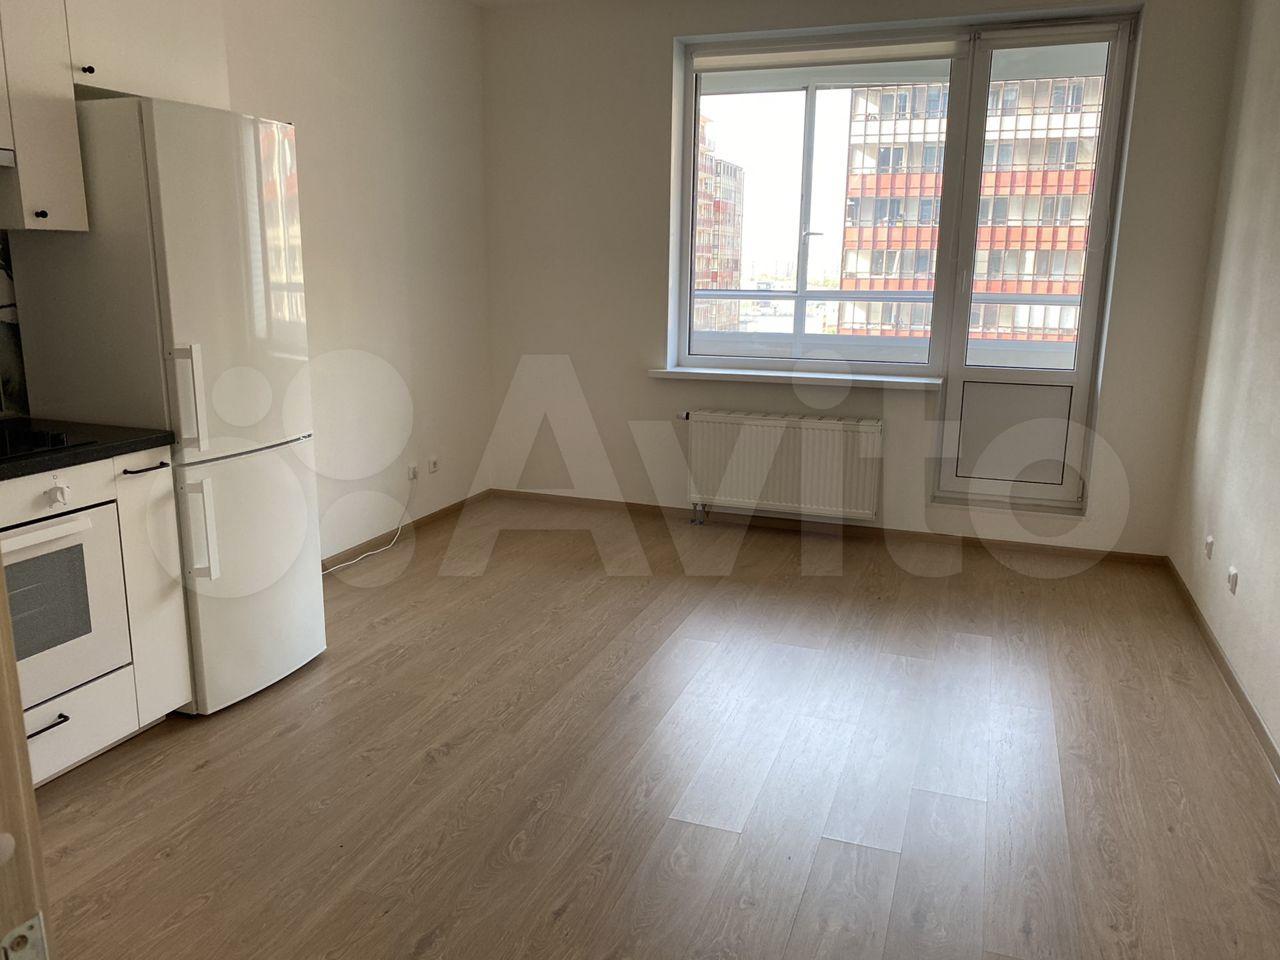 Квартира-студия, 26.6 м², 7/17 эт.  89219797096 купить 2